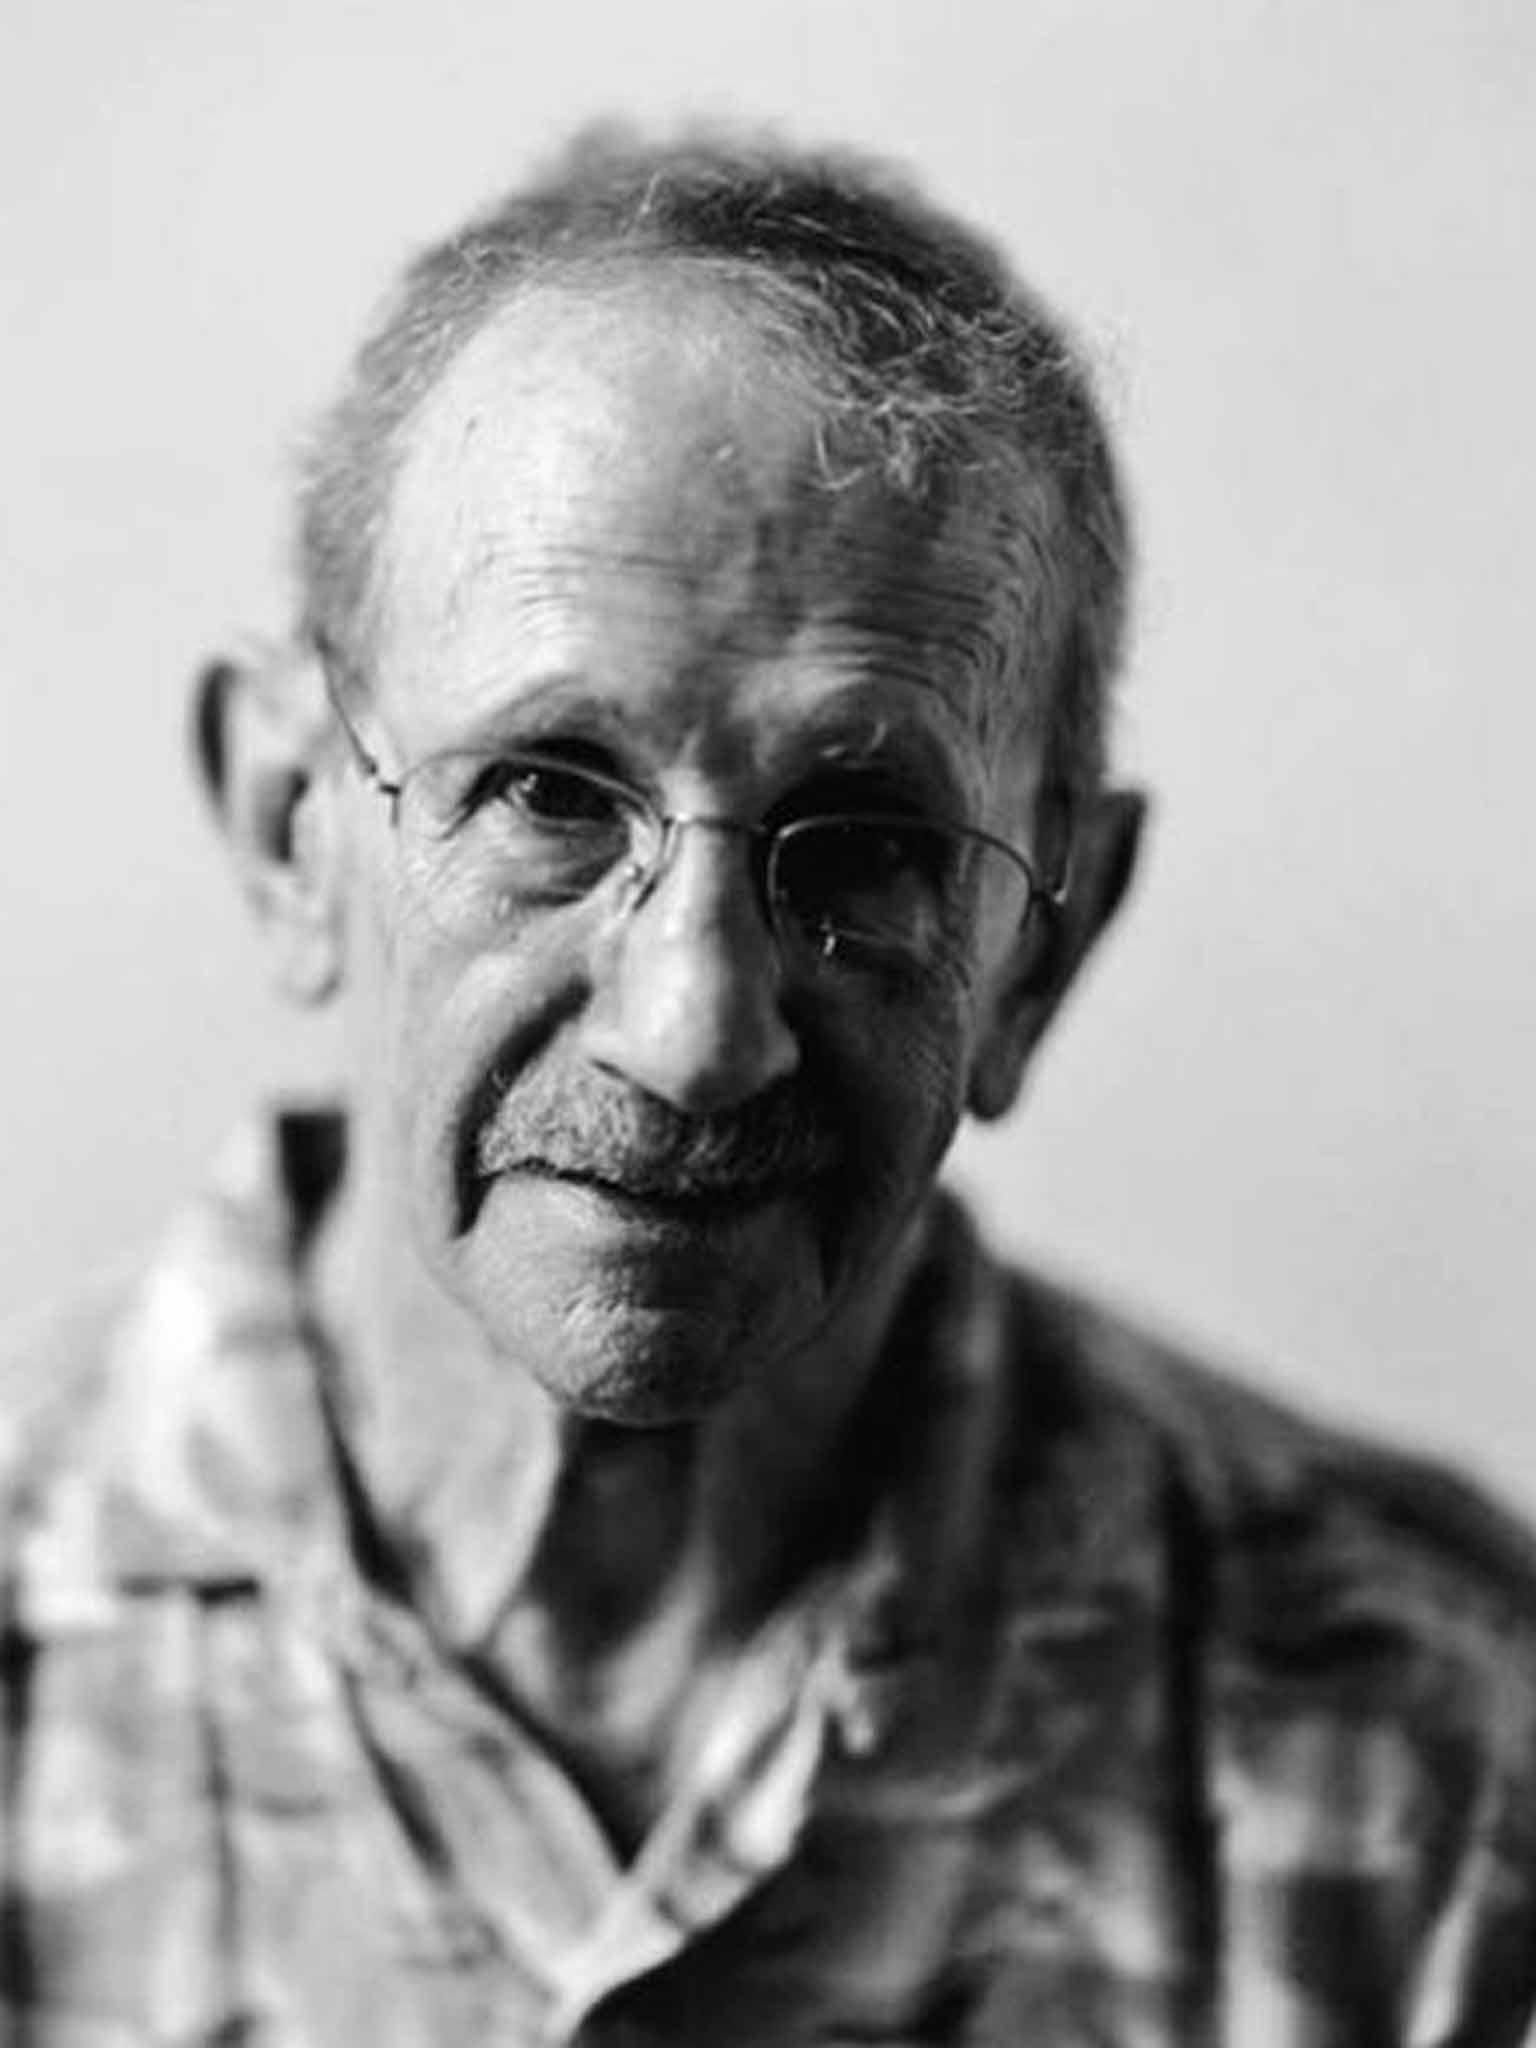 Philip Levine lorca